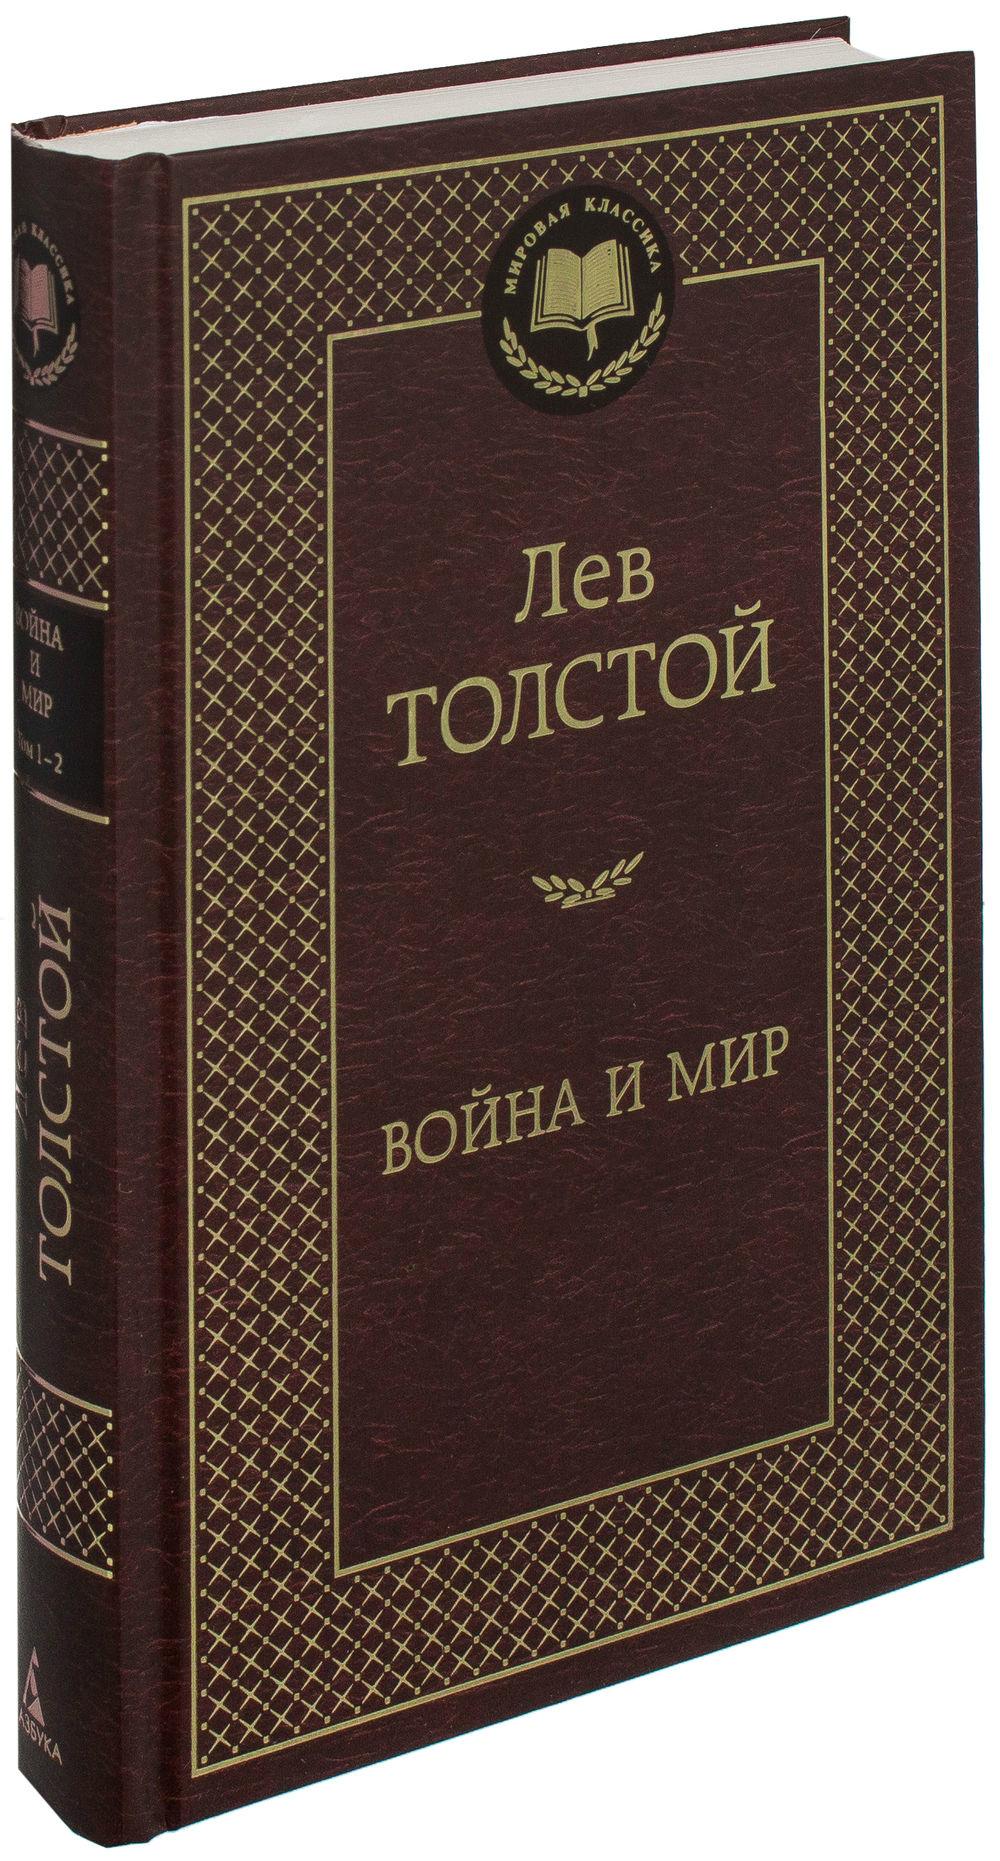 Война и мир — Лев Толстой